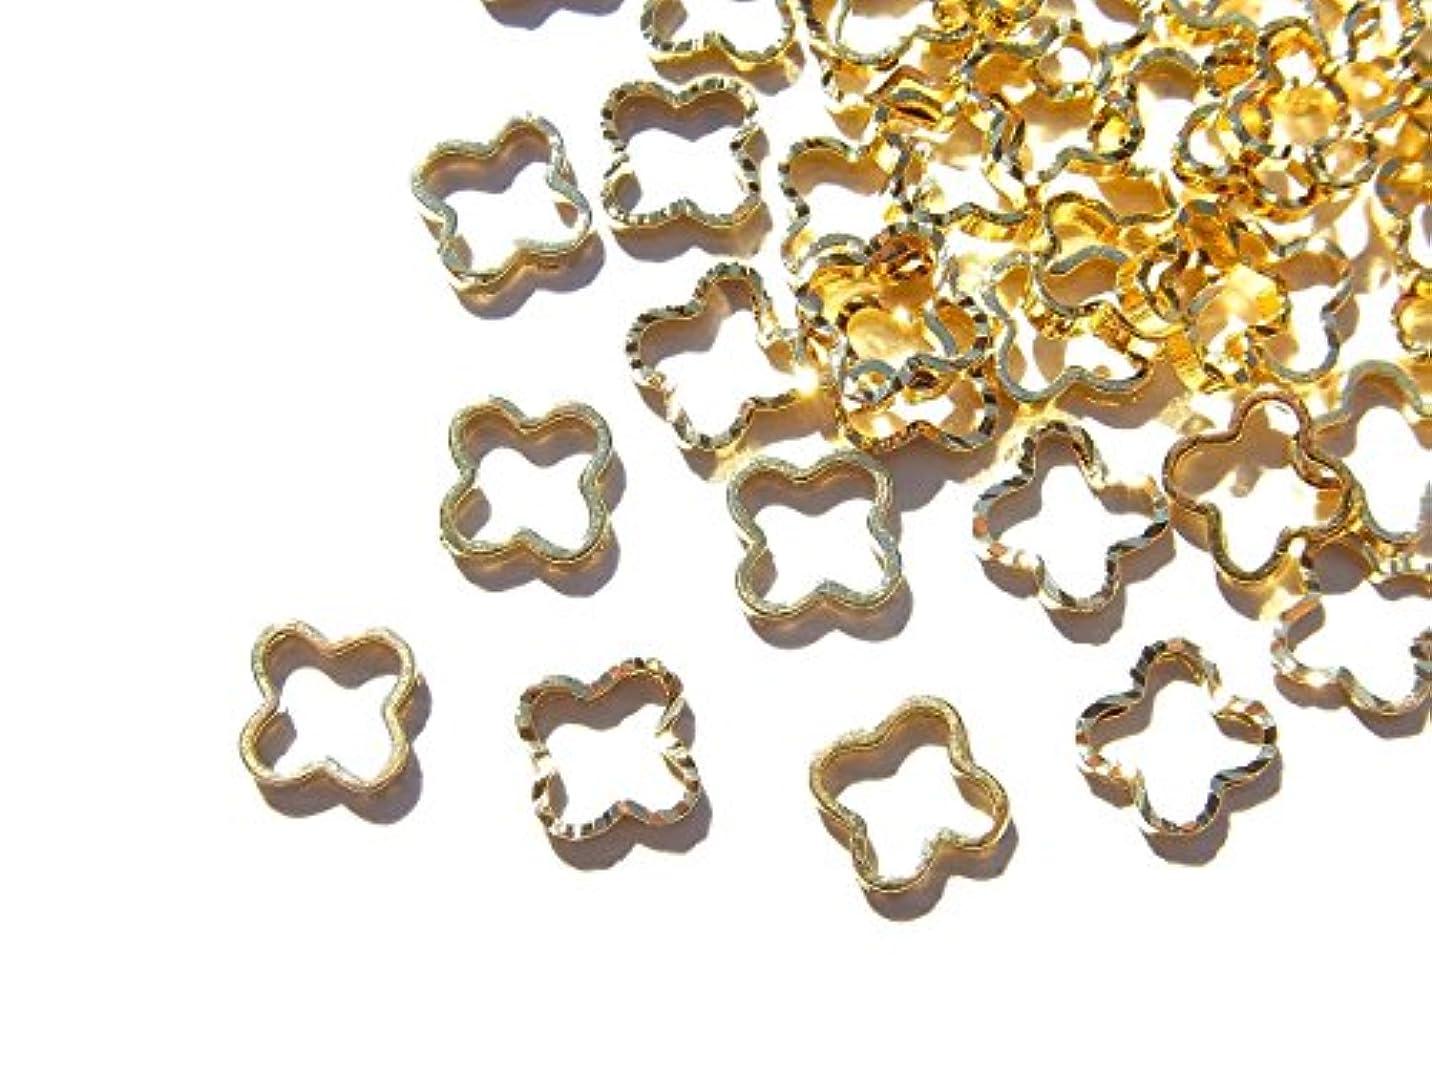 効果ゴム主【jewel】ゴールド 立体メタルパーツ 10個入り クローバー 型 直径6mm 厚み1mm 手芸 材料 レジン ネイルアート パーツ 素材